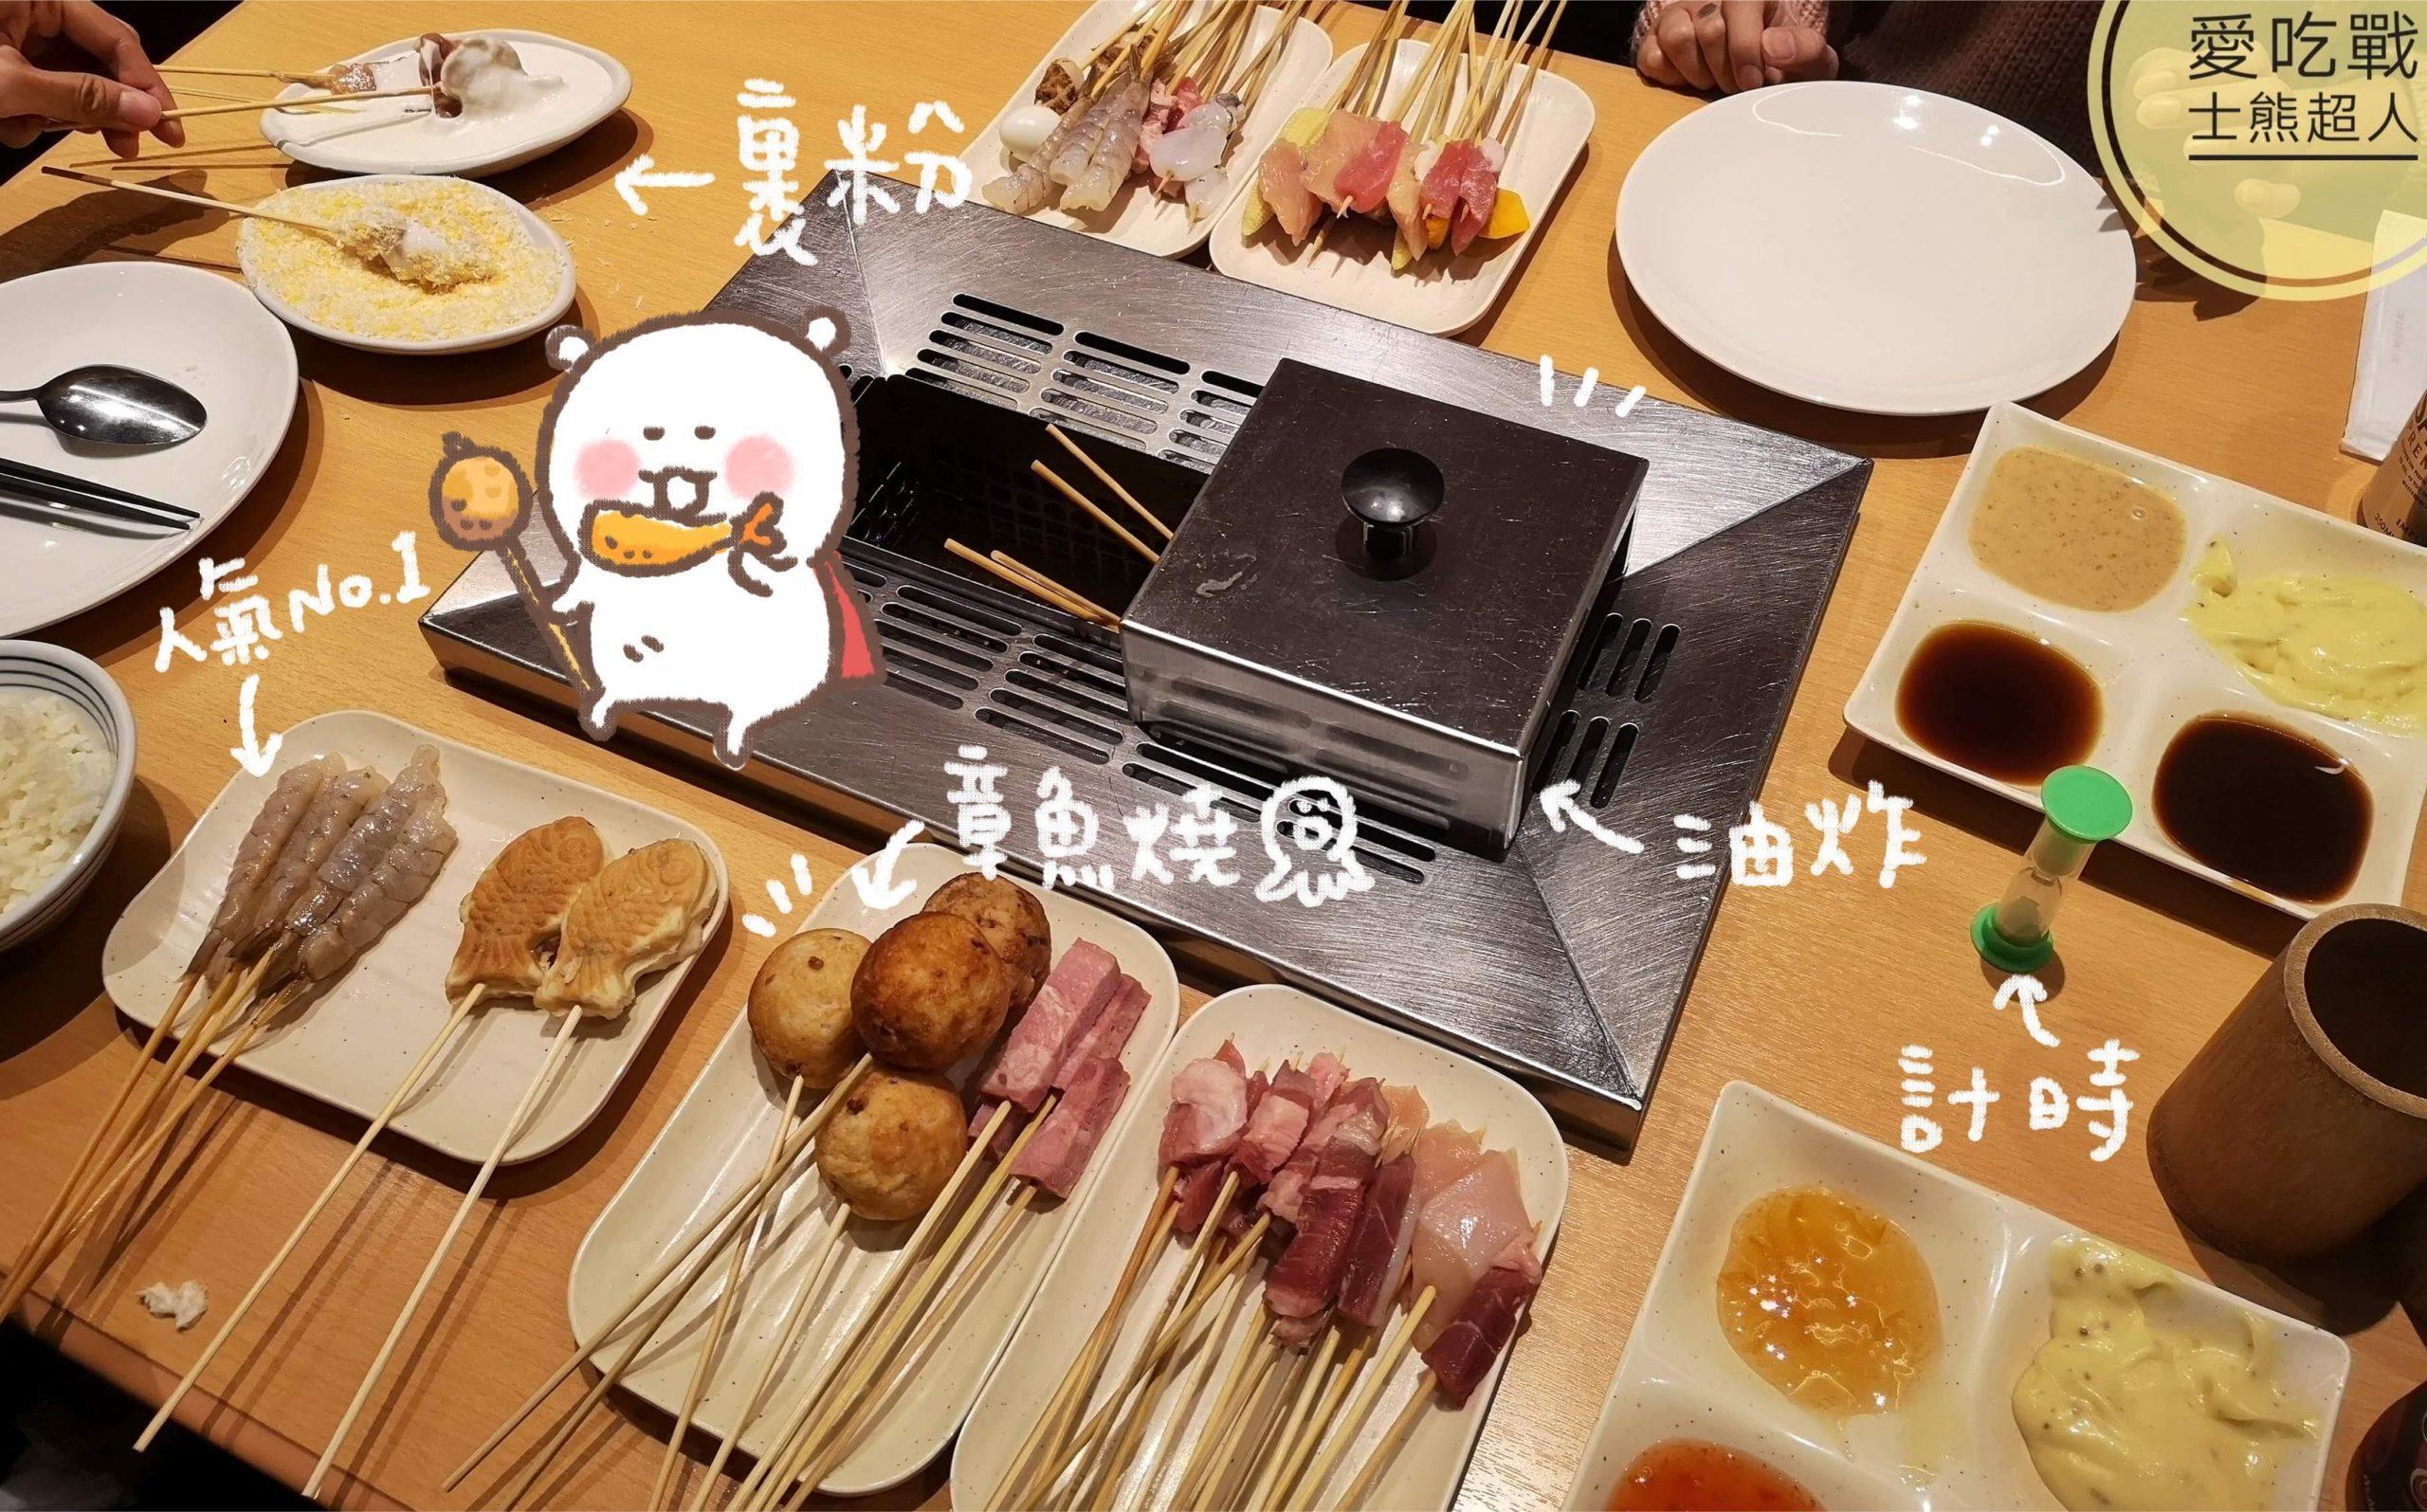 。台中三井Outlet。串家物語:自己動手炸!好吃+好玩+吃到飽的組合,來自大阪的串炸名店。